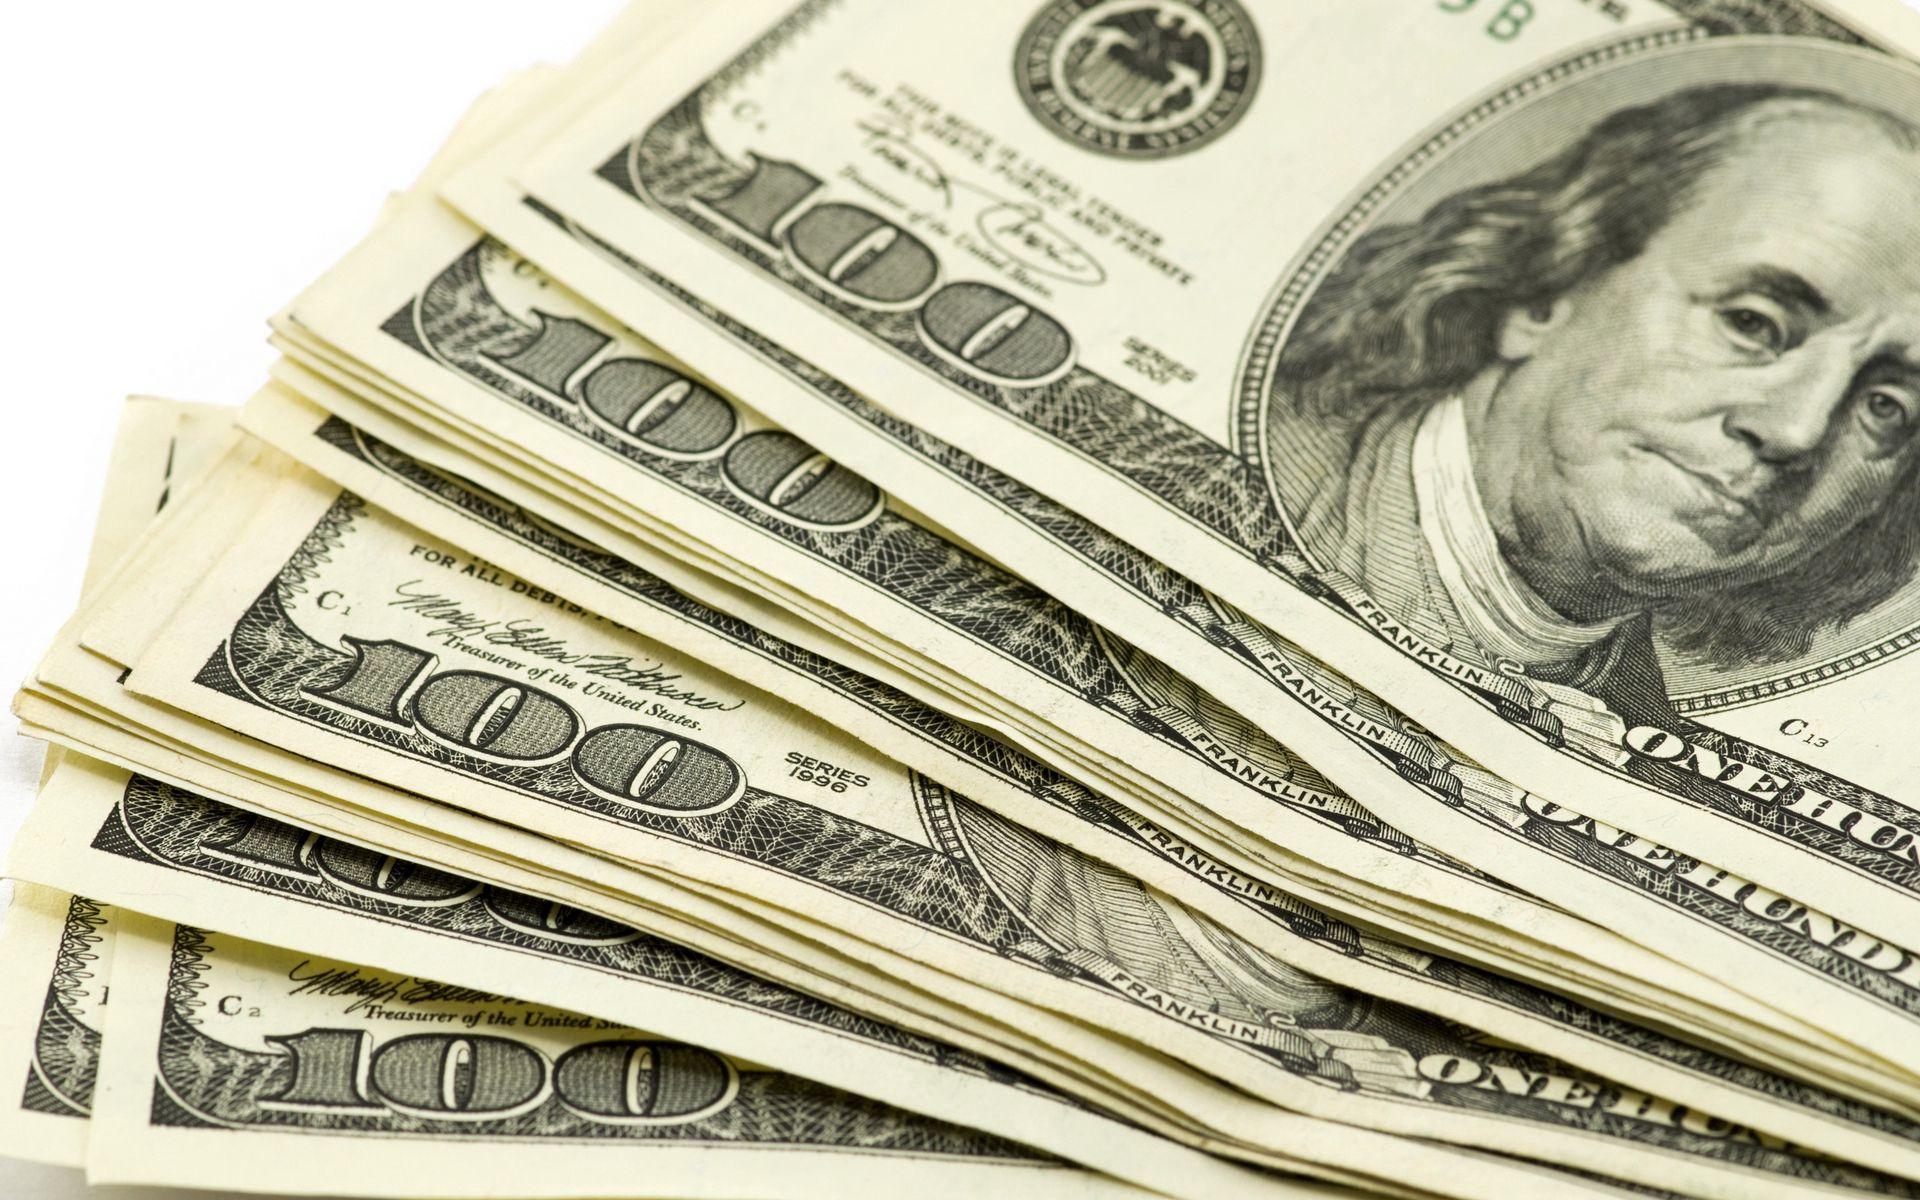 82568 Заставки и Обои Деньги на телефон. Скачать Деньги, Разное, Доллар, Официальный Курс Доллара, Повышение, Банкноты картинки бесплатно